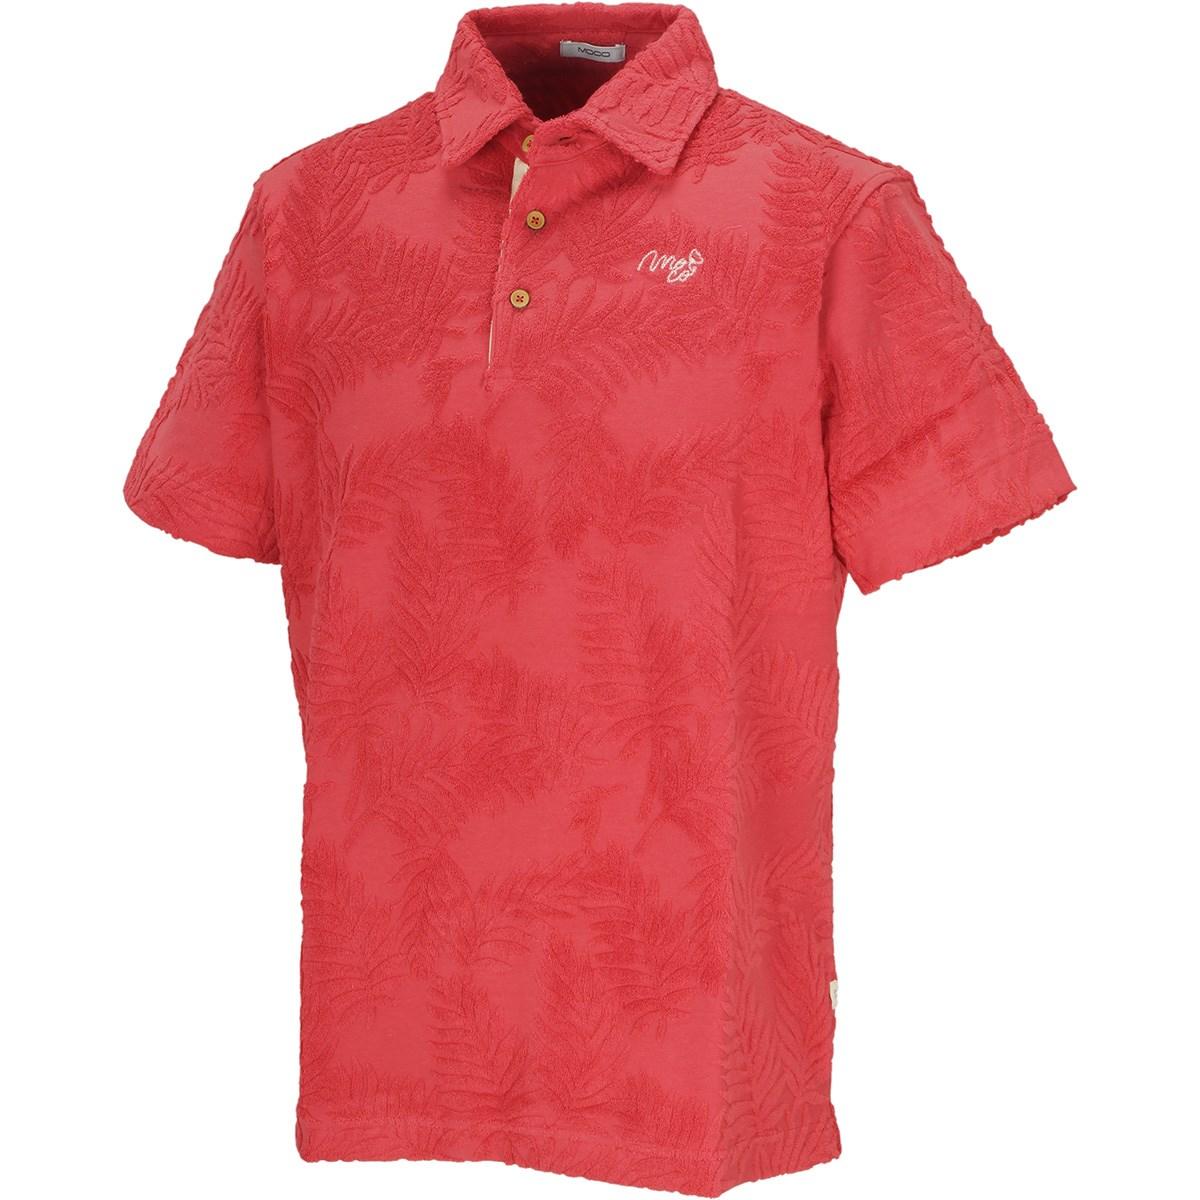 モコ パームジャカードパイル 半袖ポロシャツ